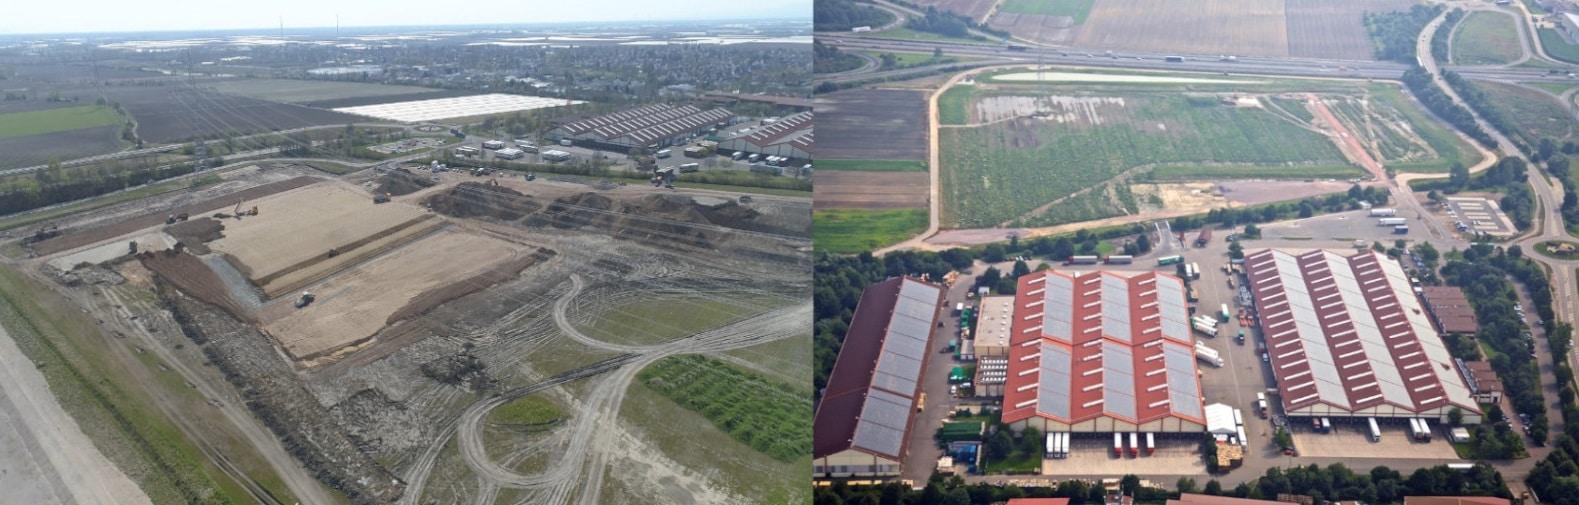 Pfalzmarkt Standorterweiterung Vergleich altes und neues Gebäude